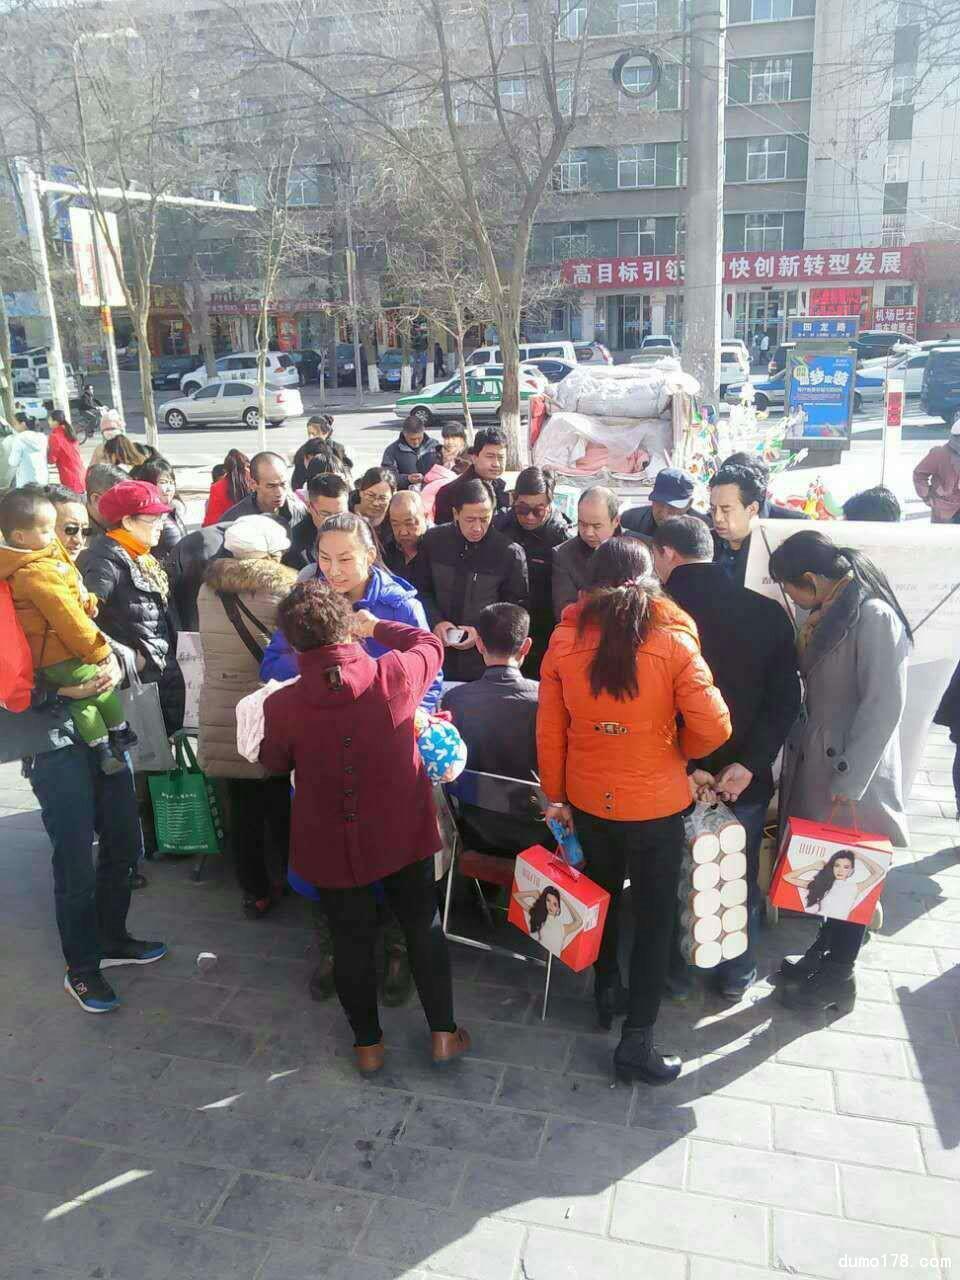 加盟商在小广场被围堵